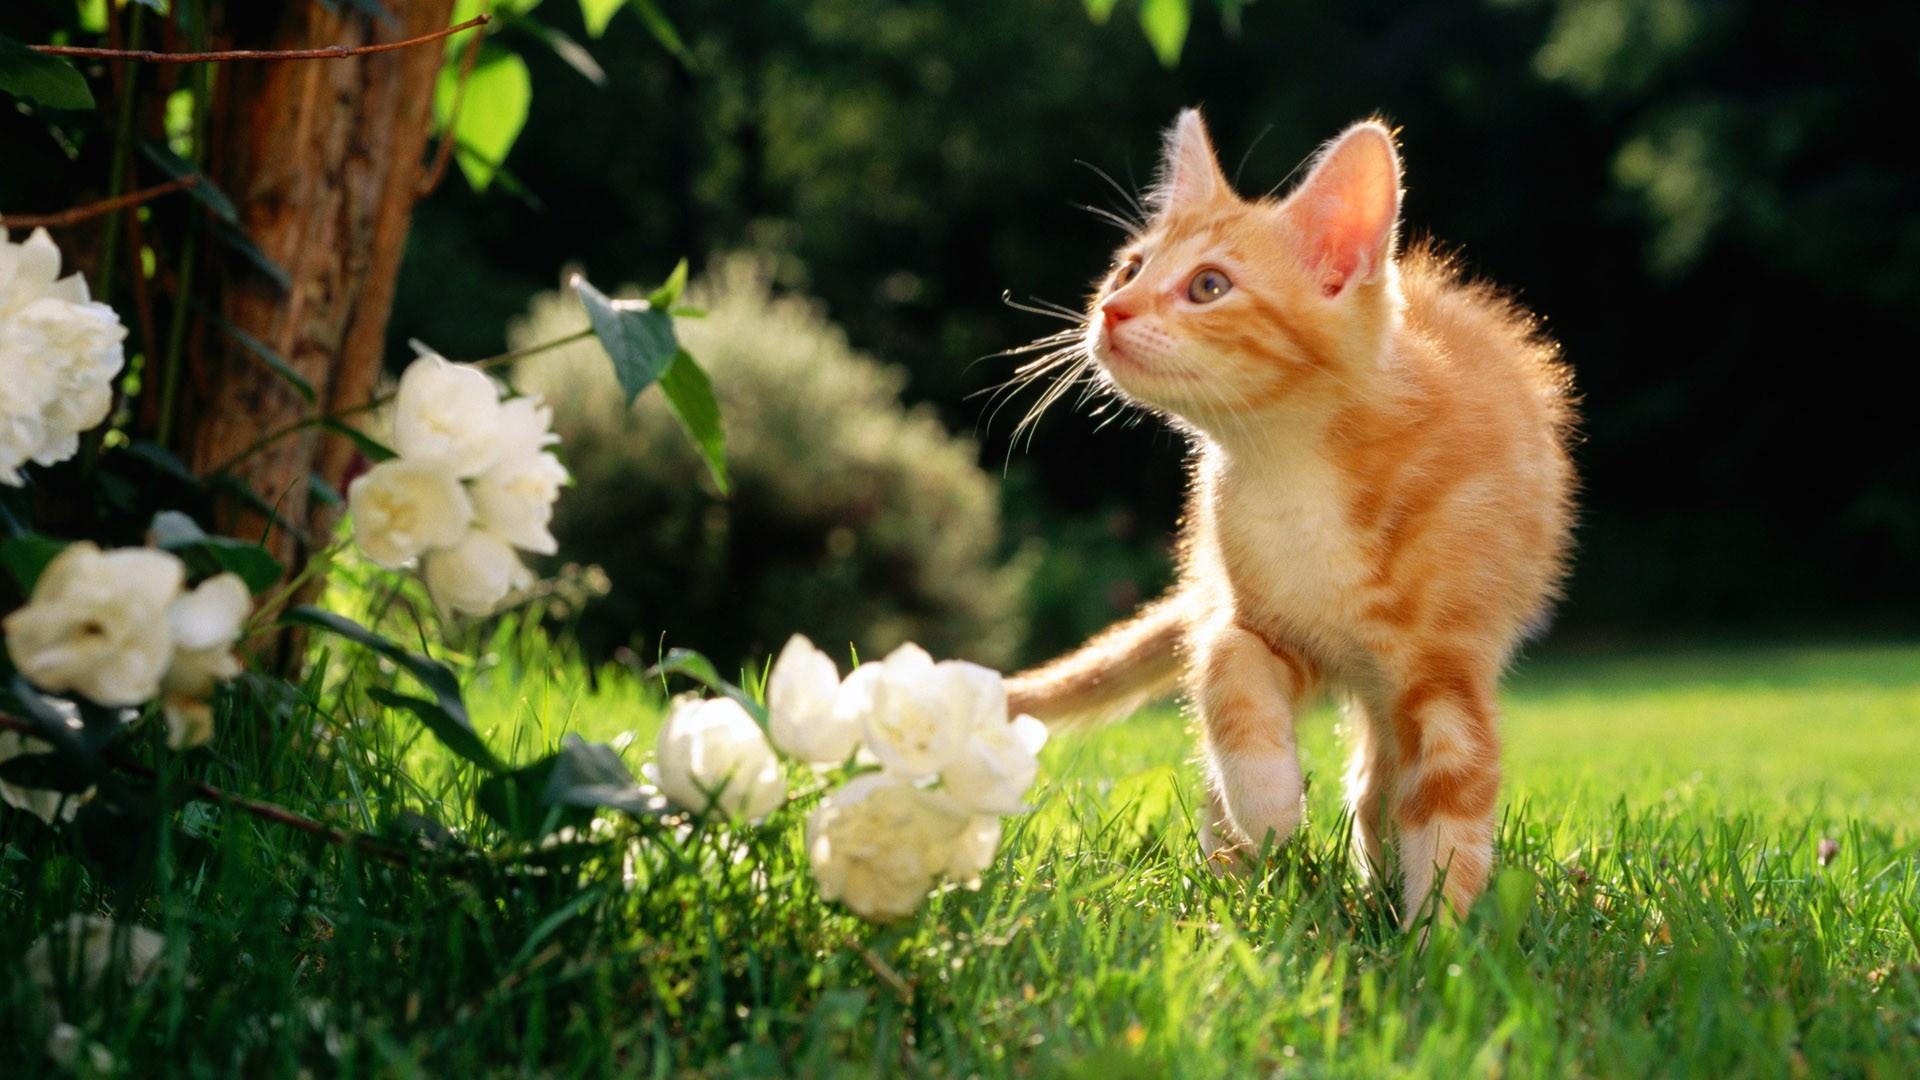 Hình nền mèo đẹp